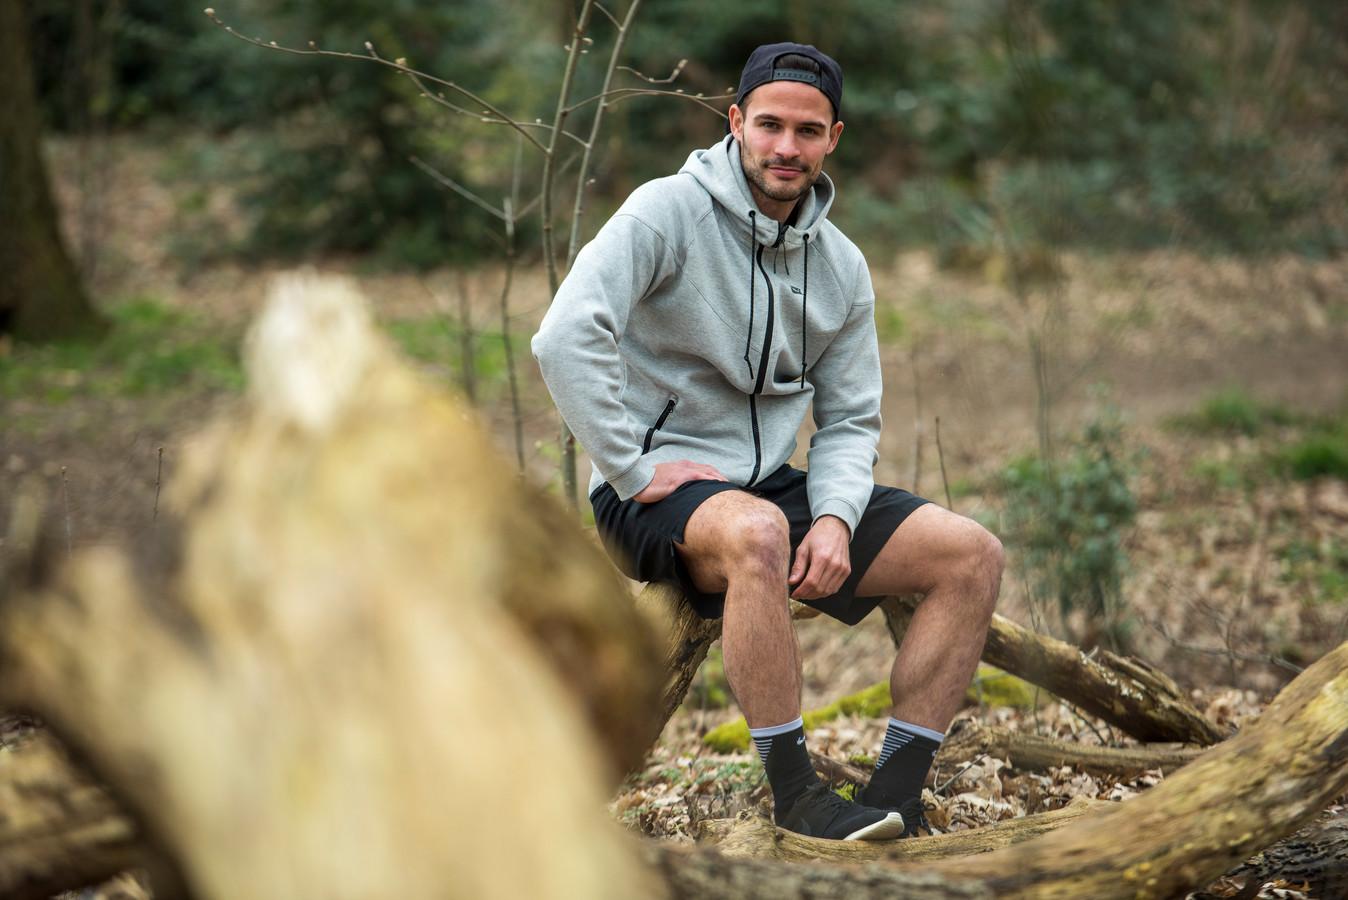 Helmond Sport-speler Guus Joppen traint nu zelfstandig, in de buitenlucht